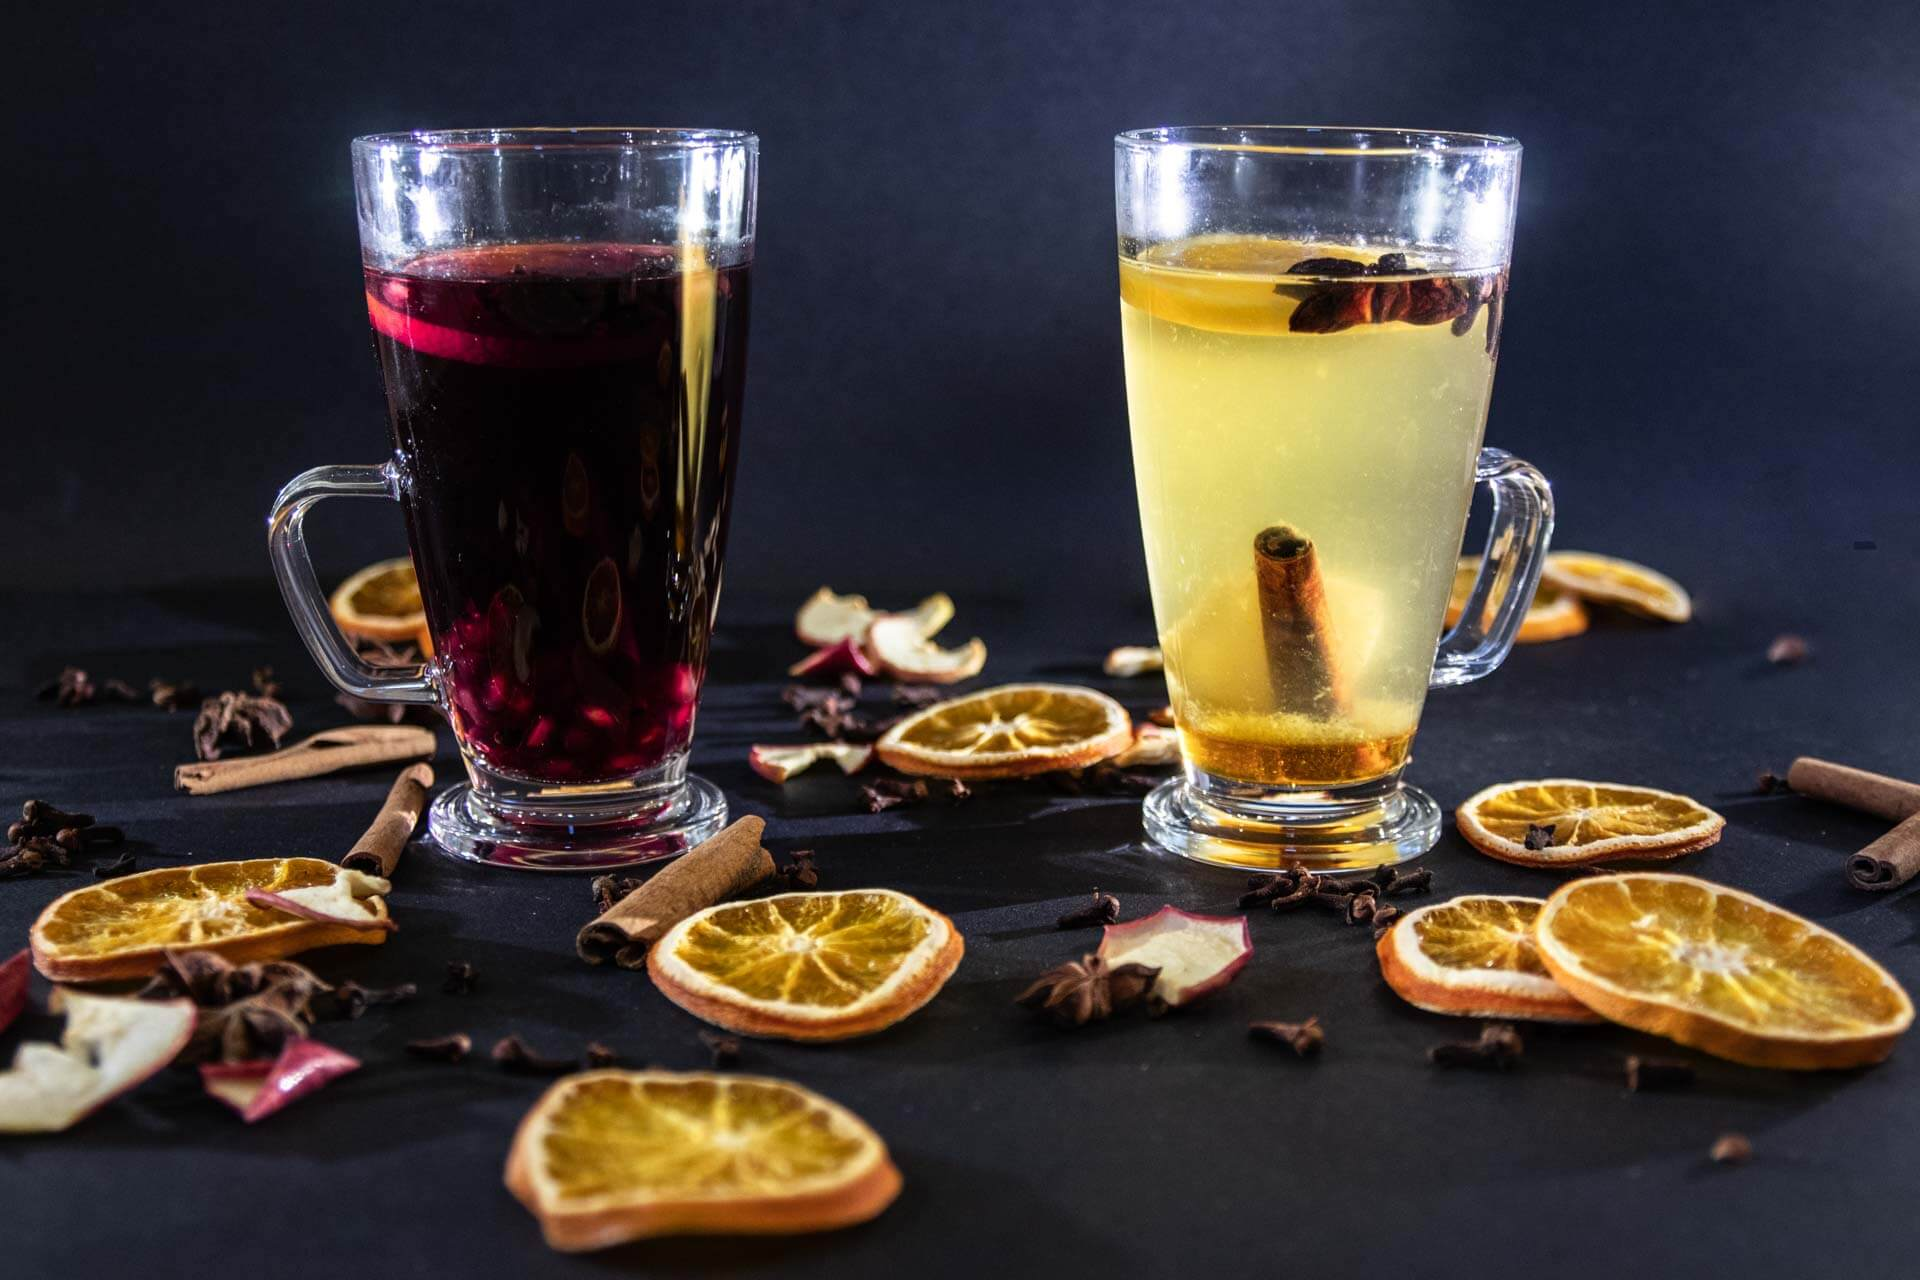 Svařák z červeného a bílého vína podle receptu VINIUM